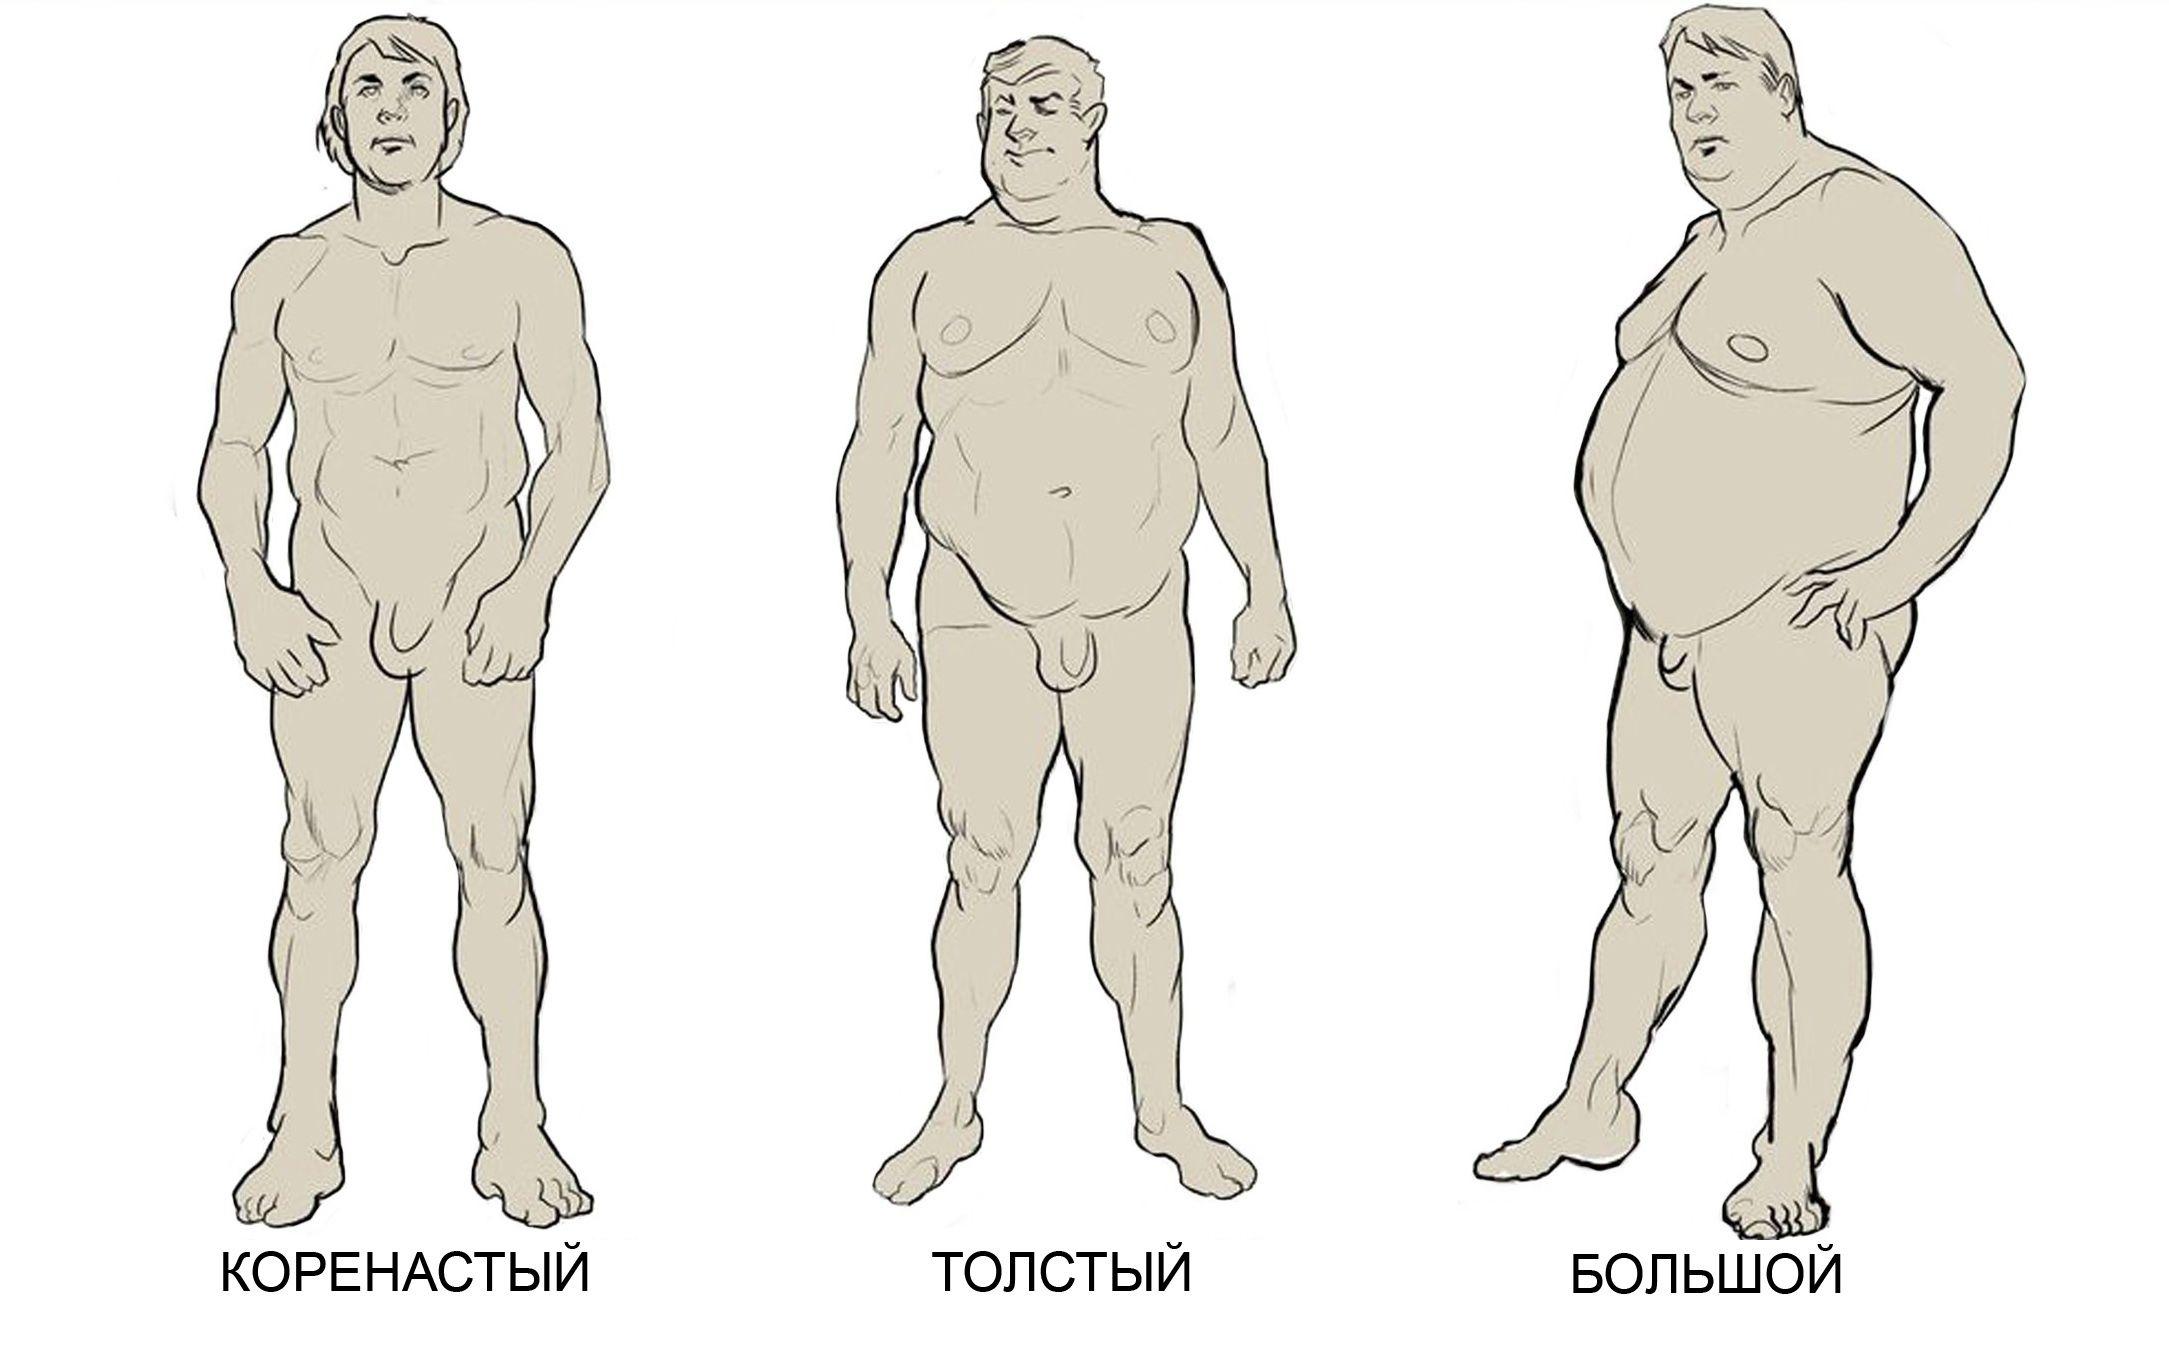 карташёв виды телосложения у мужчин названия картинки парнем